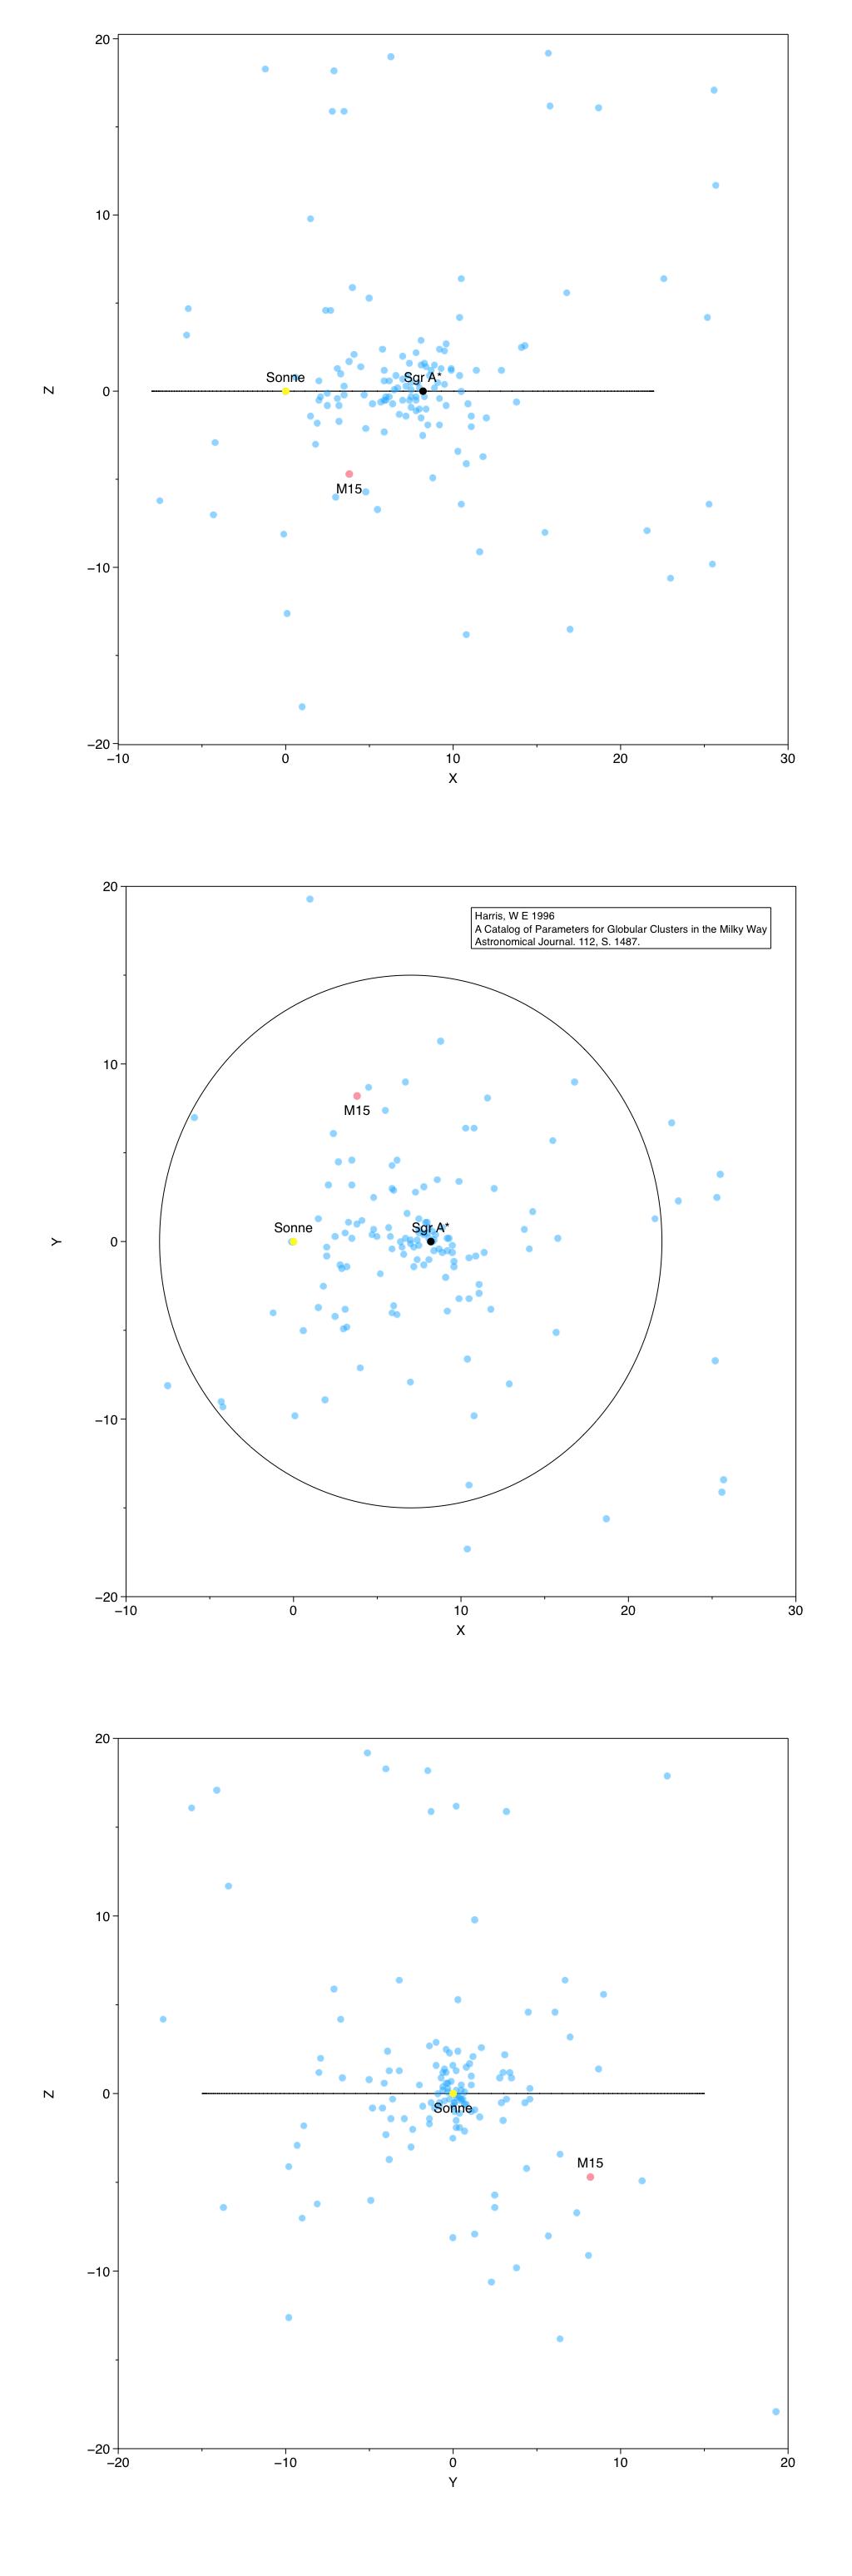 Die Position vom M15 (rot) innerhalb der Milchstrasse. Sonne (gelb), Zentrum der Milchstraße (schwarz), andere Kugelsternhaufen (blau). Die Milchstraße wird durch einen erweiterten Kreis mit einem Durchmesser von 30 kpc angedeutet. Die x-Achse zeigt Richtung des Zentrum und die y-Achse in Richtung der Rotation der Milchstraße, die z-Achse weist auf den galaktischen Nordpol.